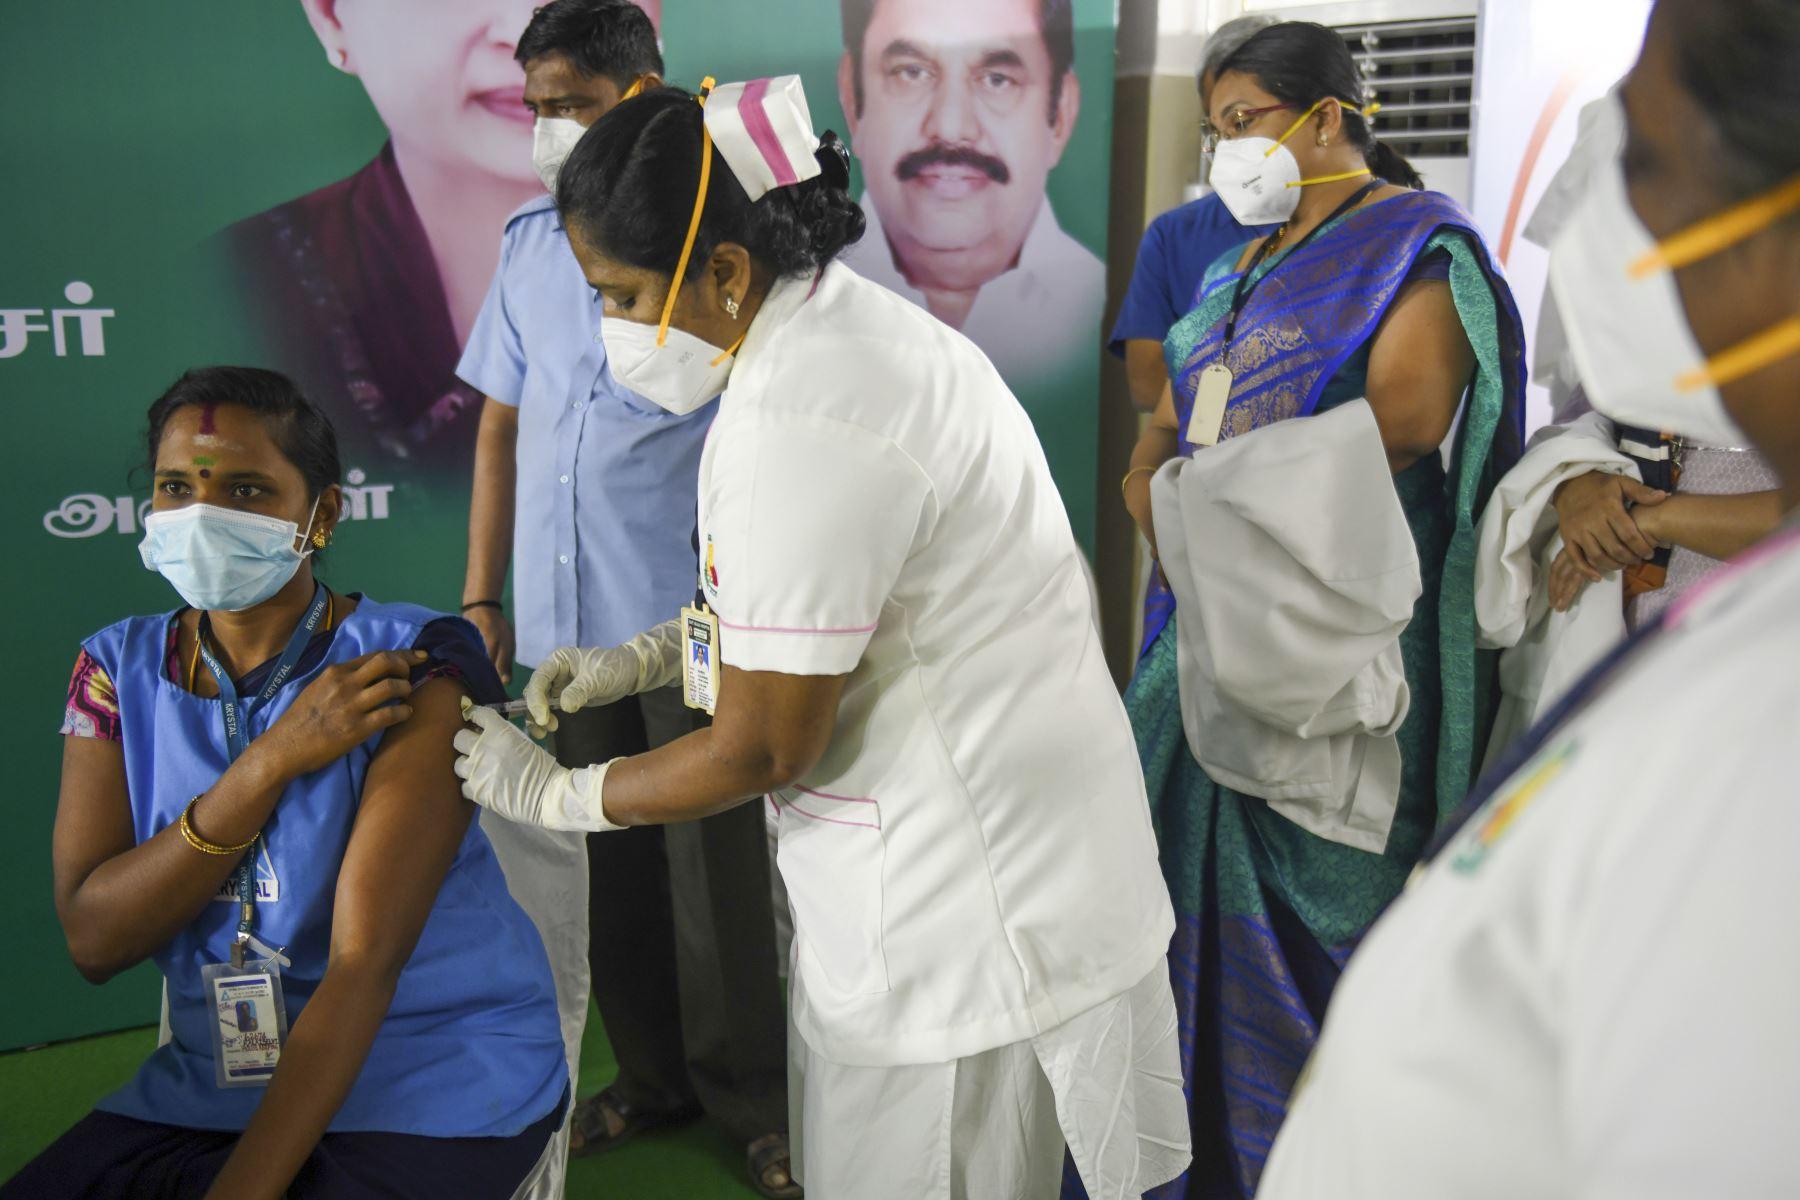 Un trabajador médico vacuna a un colega con una vacuna contra el coronavirus Covid-19 en el hospital gubernamental Rajaji en Madurai. Foto: AFP